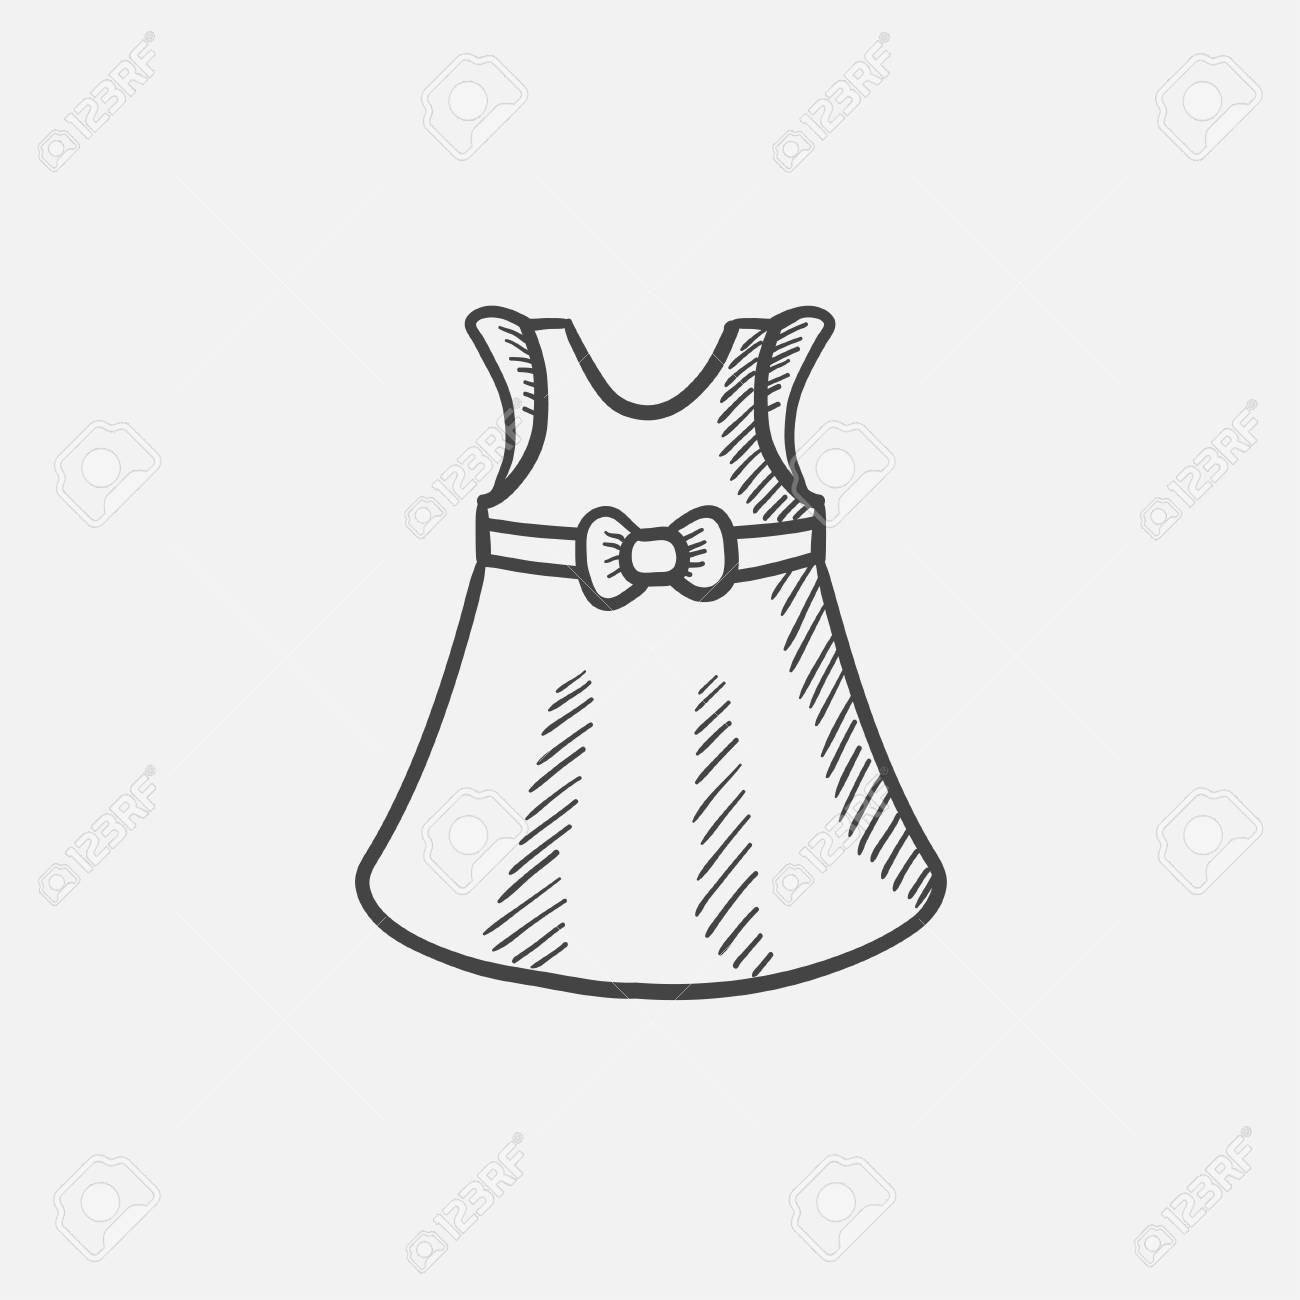 Icono De Esbozo De Vestido De Bebé Para Web Móvil E Infografía Mano Dibuja El Icono Aislado Vector